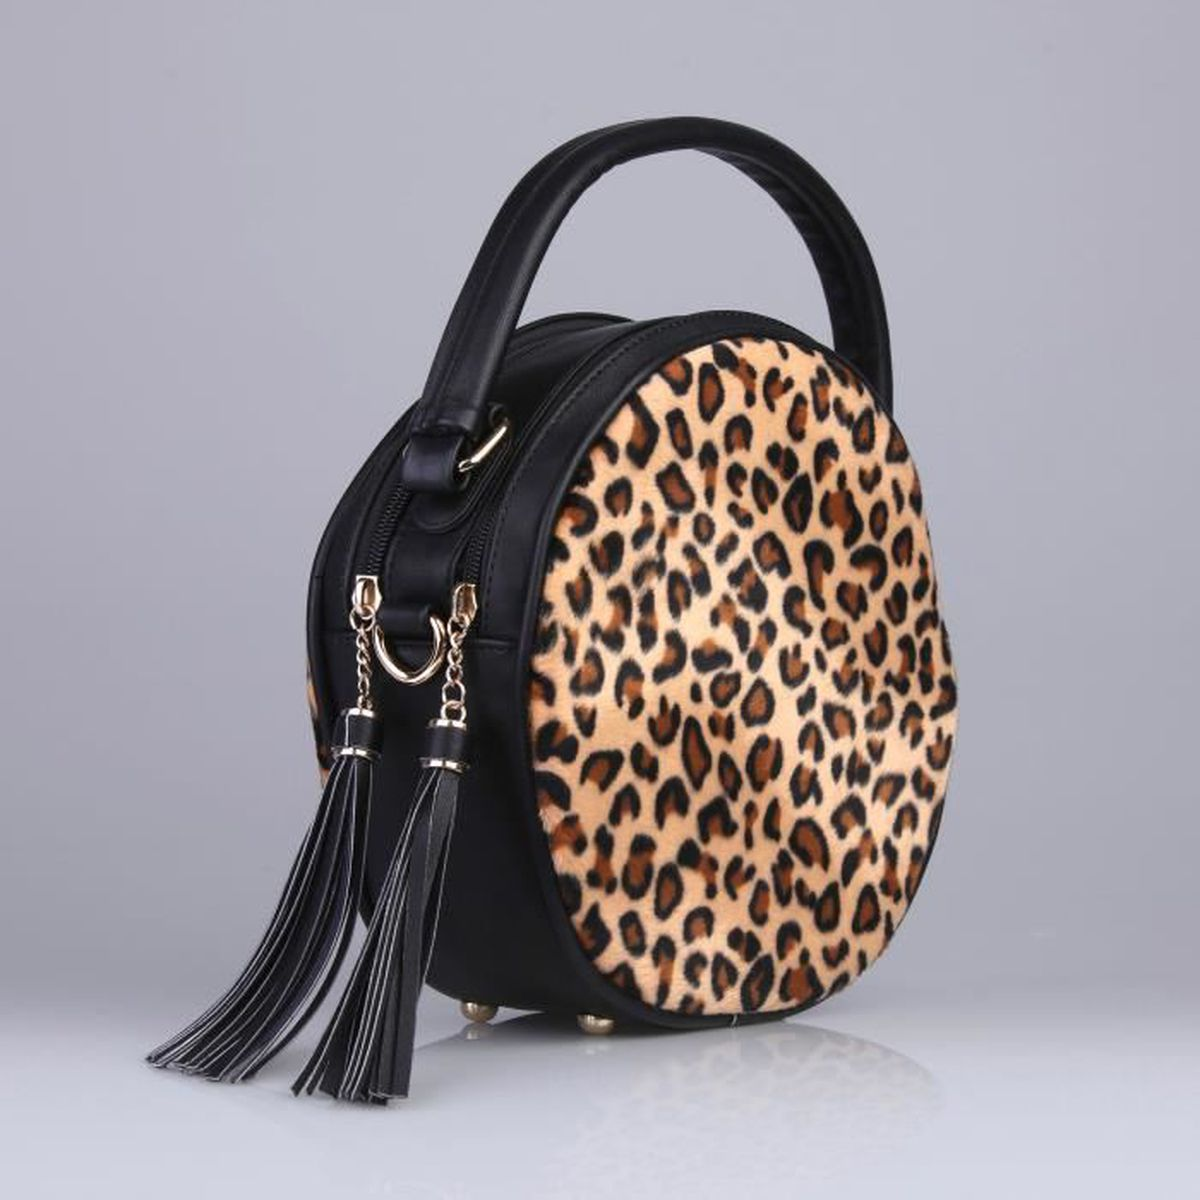 sac main rond imprim l opard femme achat vente sac main rond imprim l o cdiscount. Black Bedroom Furniture Sets. Home Design Ideas